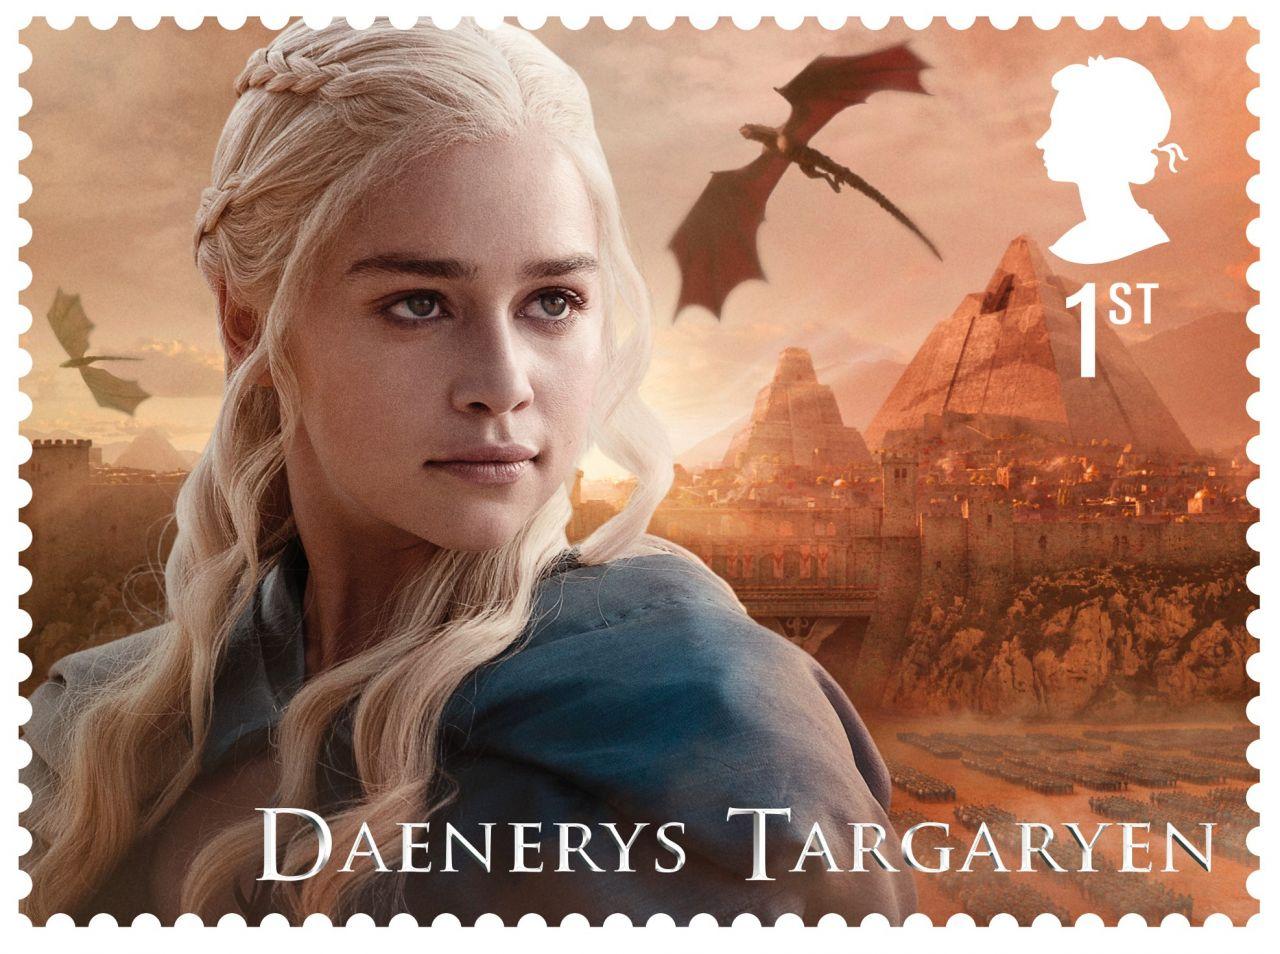 Game of Thrones Stamps - Daenerys Targaryen